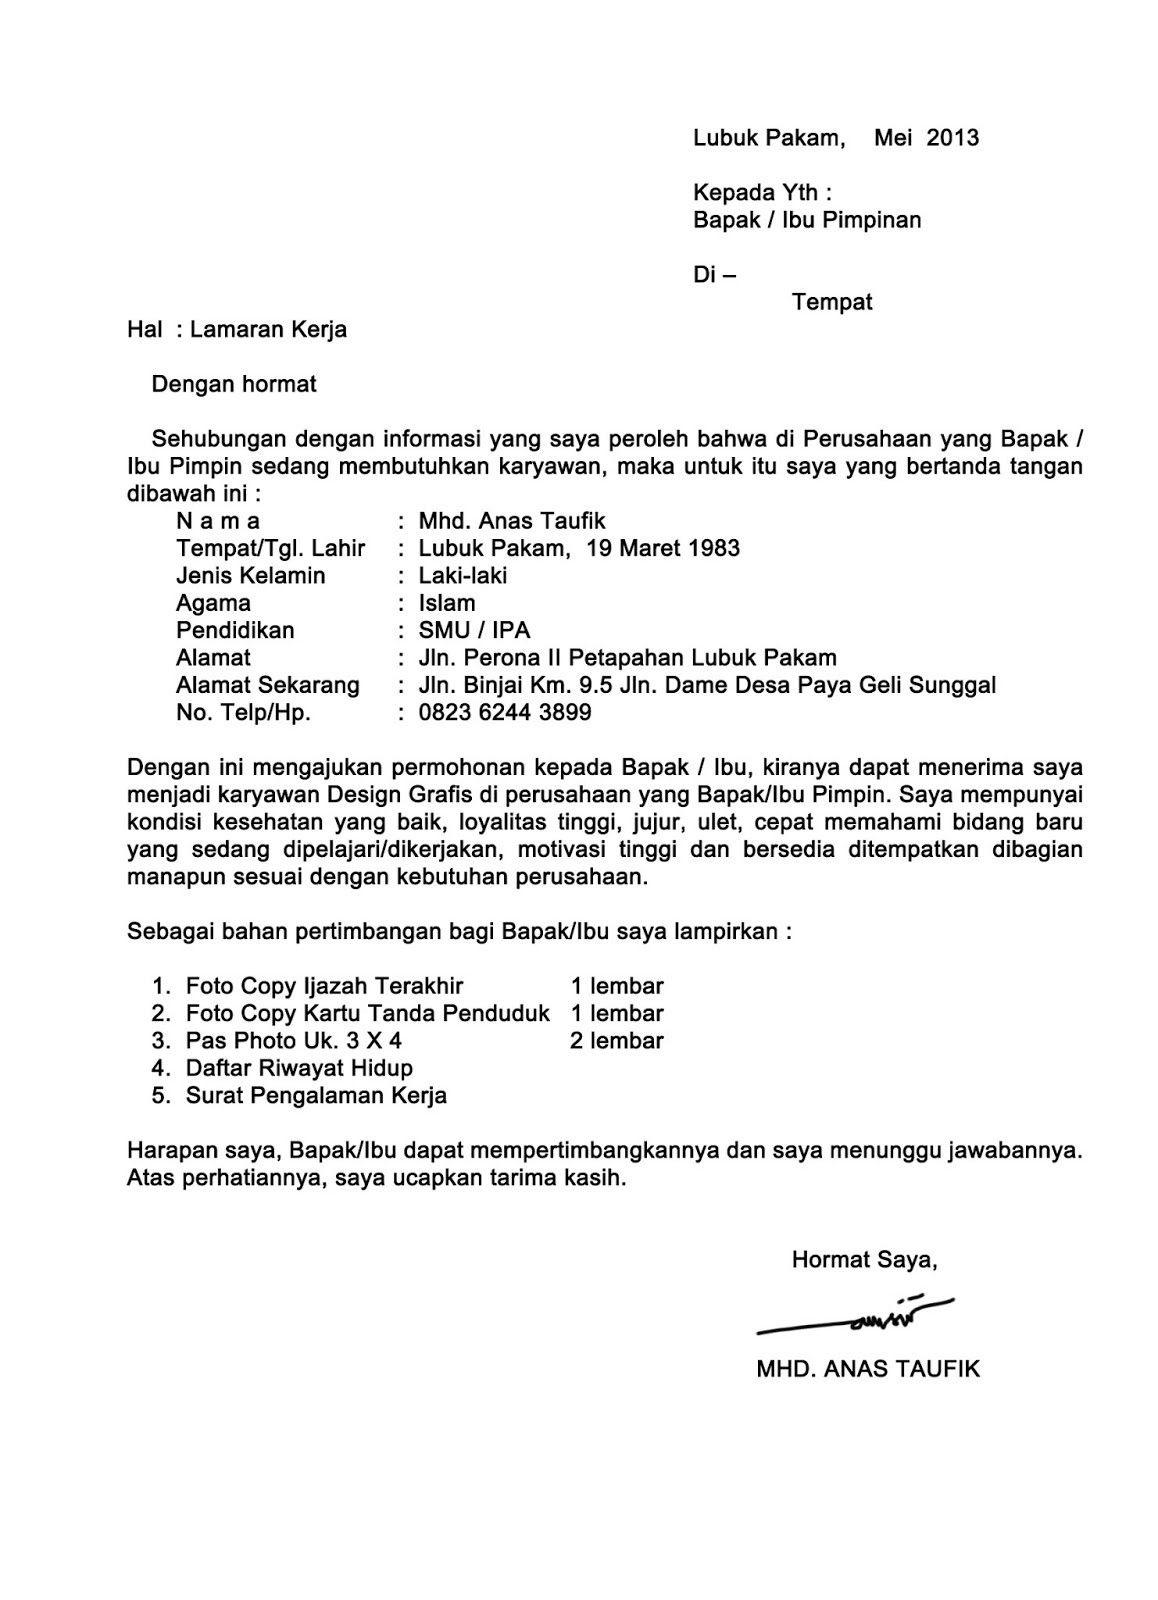 Contoh Surat Lamaran Simple